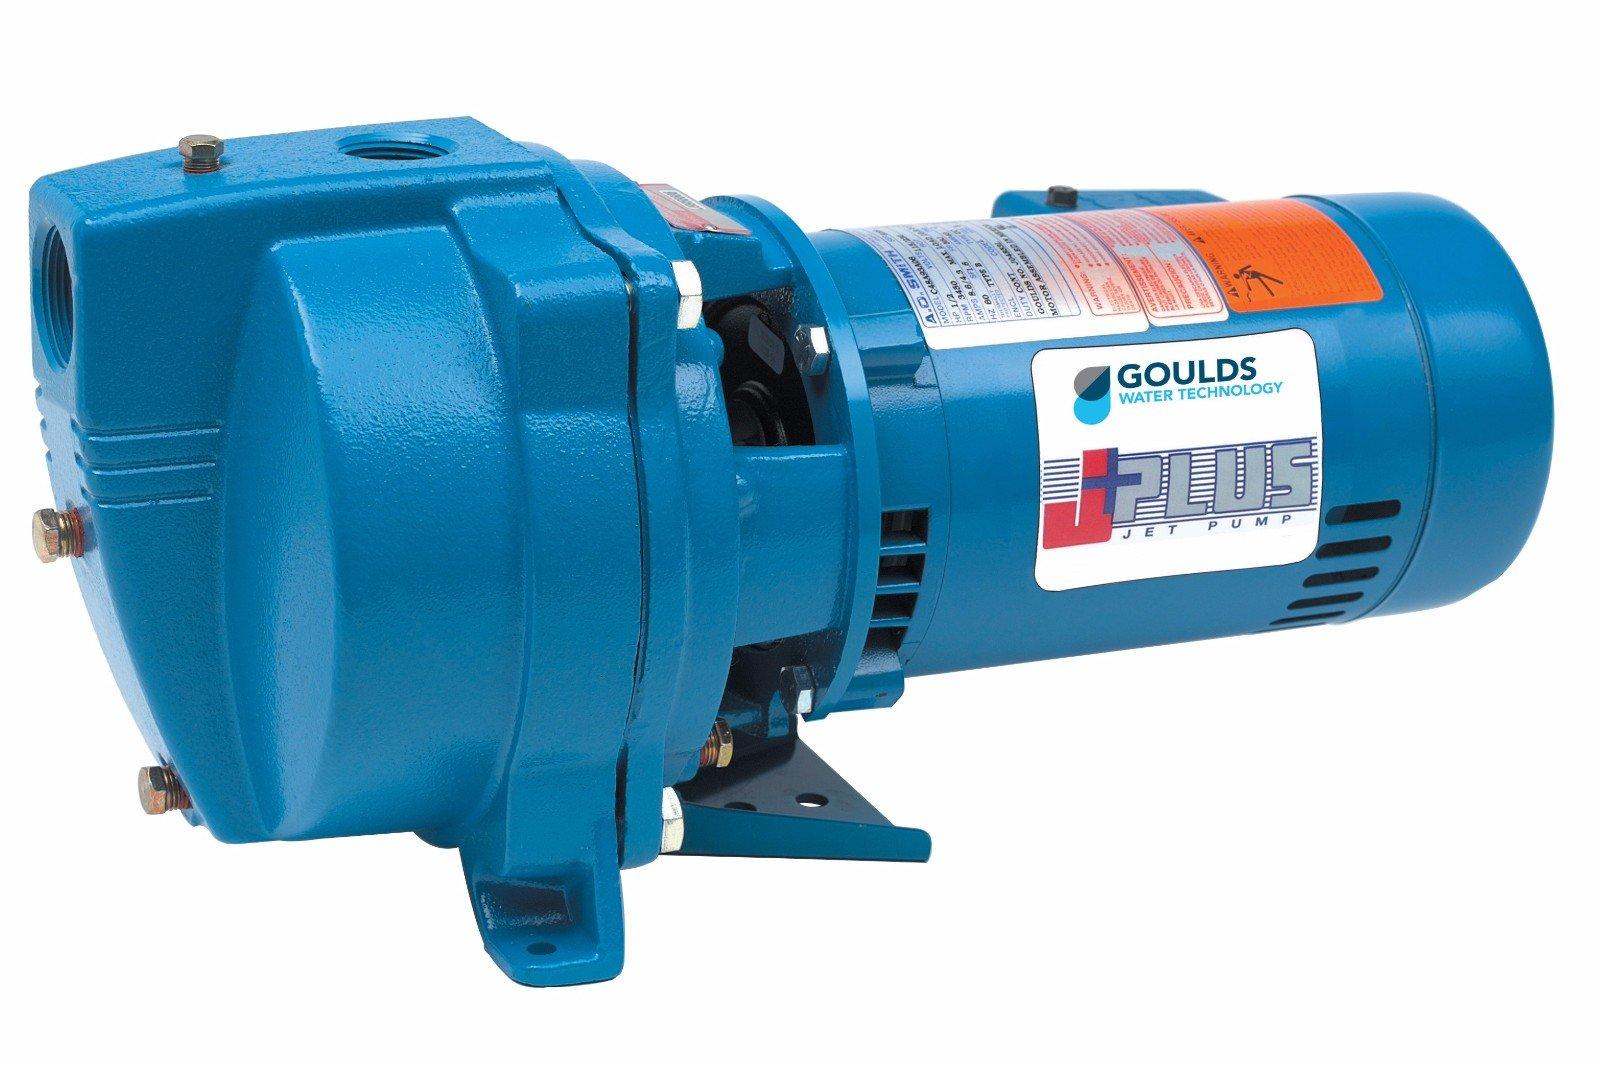 Goulds J5S Shallow Well Jet Pump, 115/230 volt, 1/2 hp